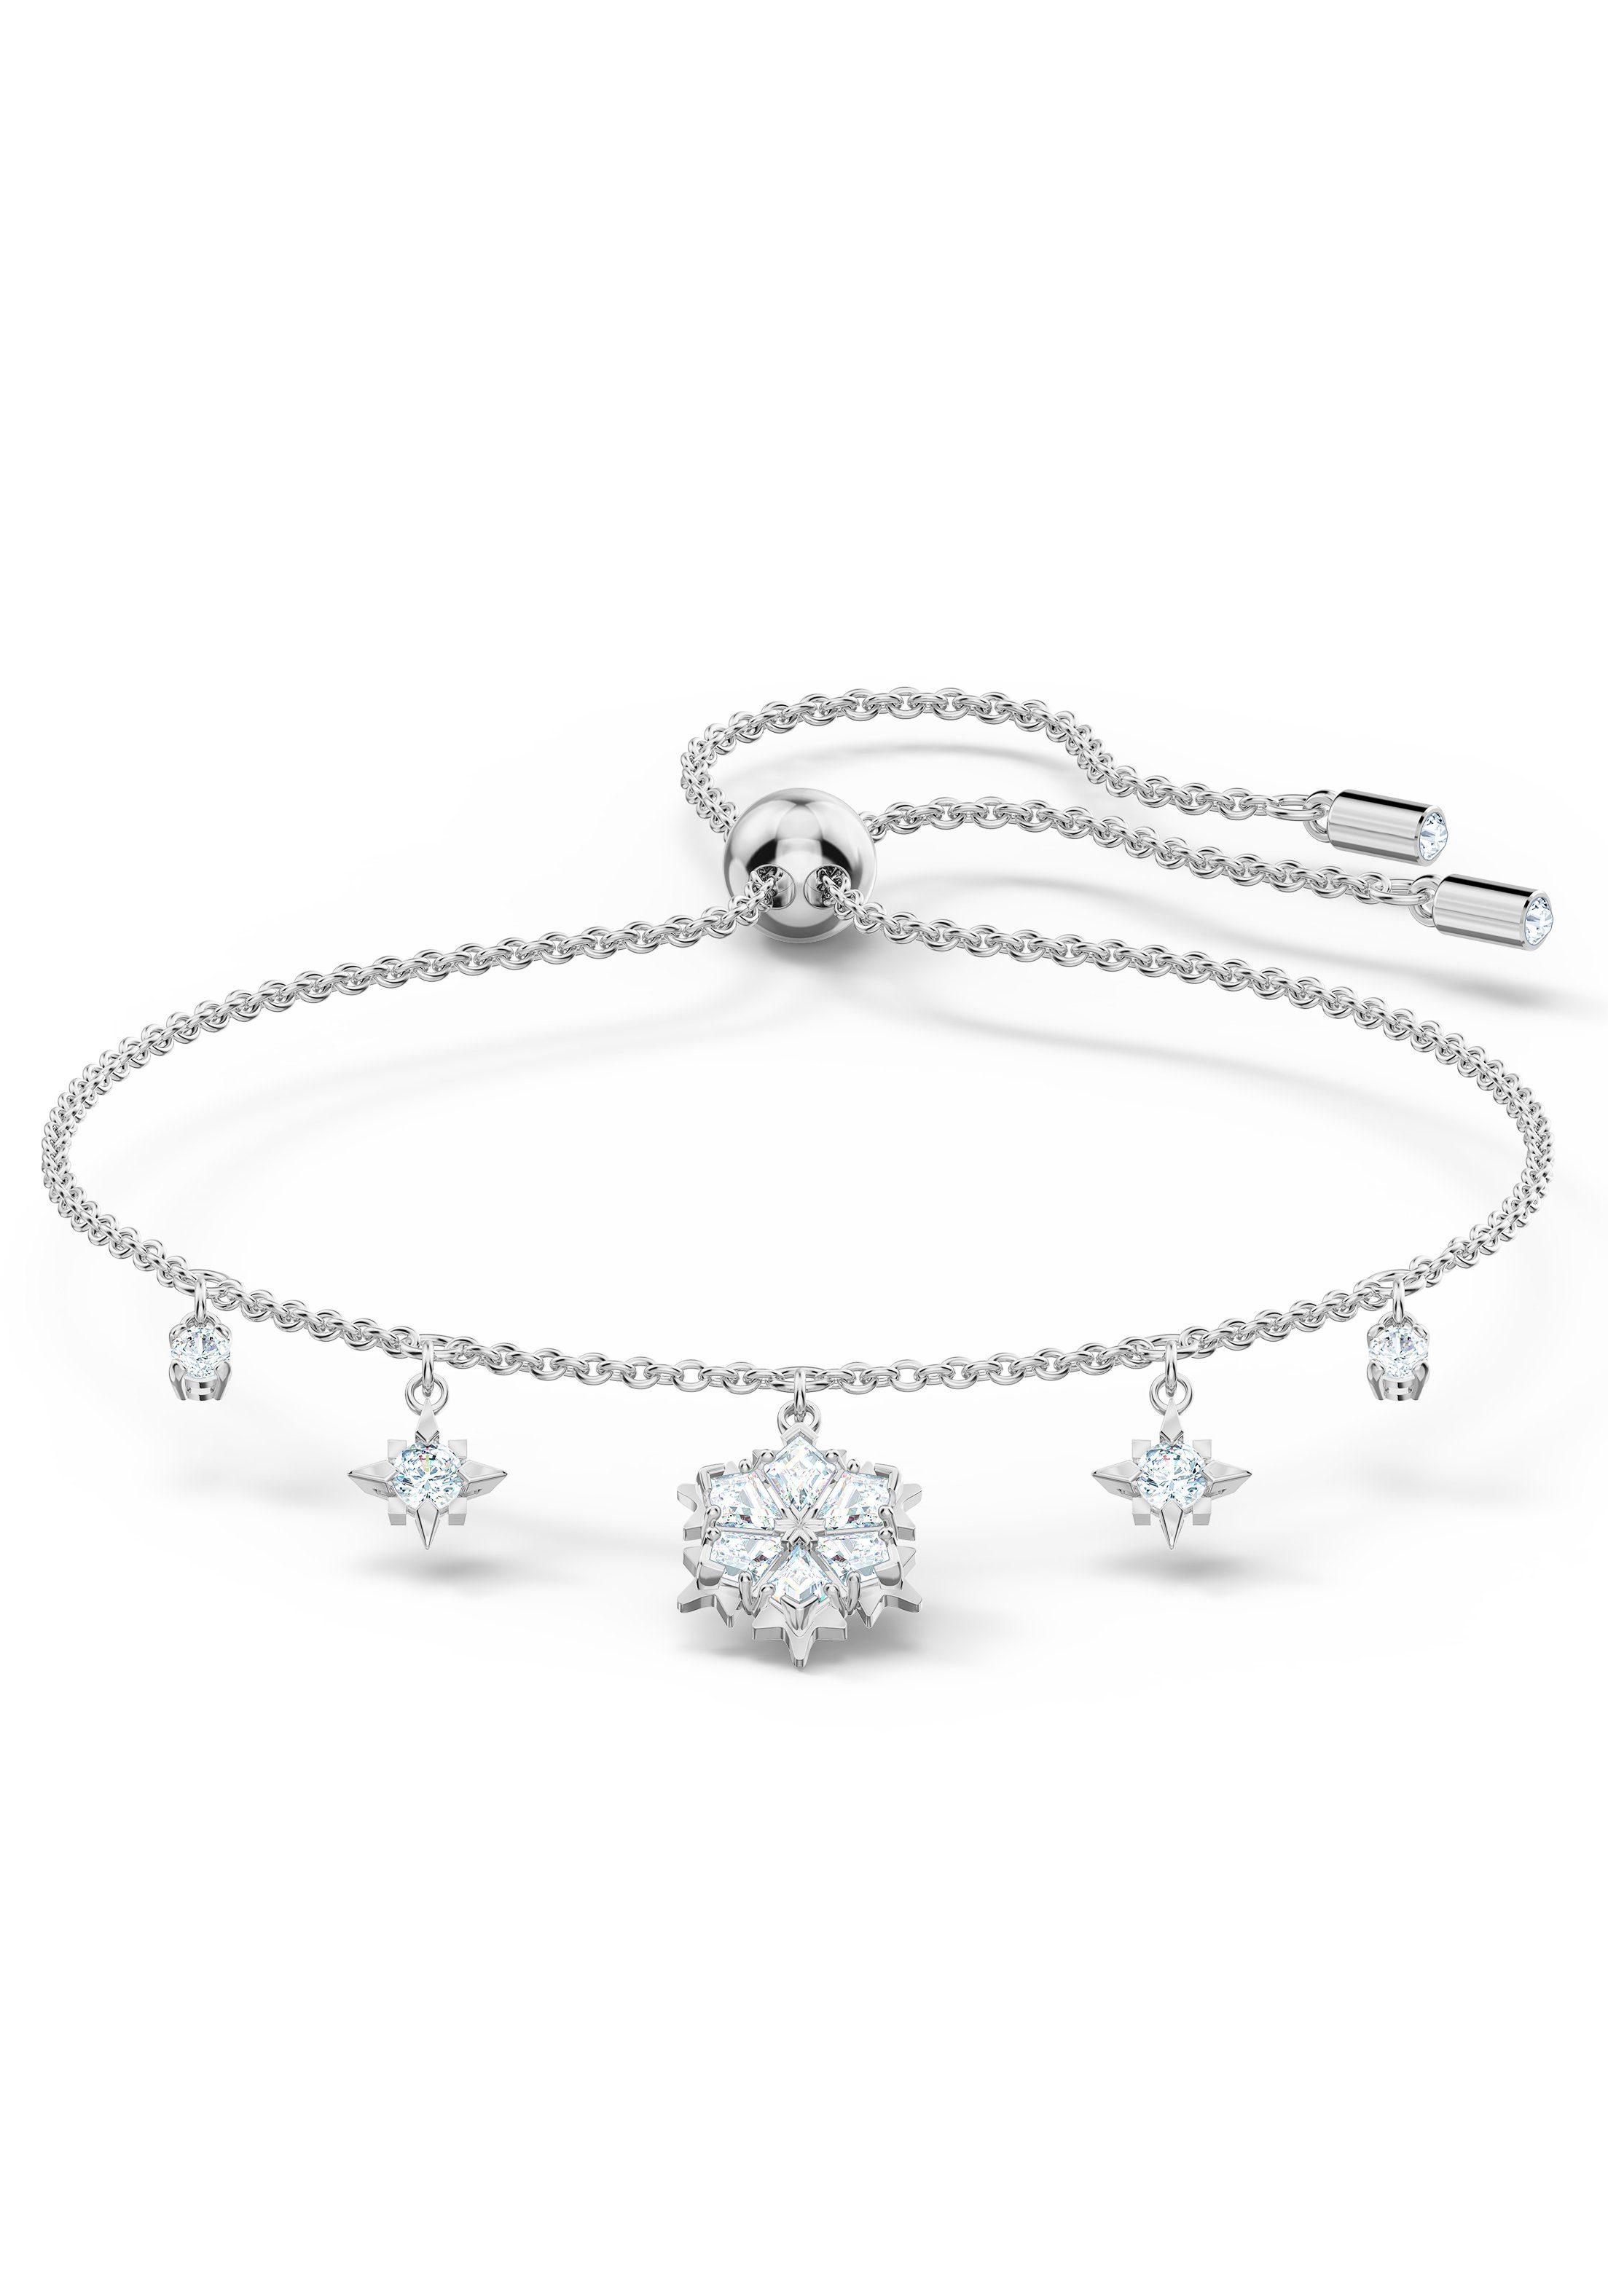 Swarovski Armband »Magic, weiss, rhodiniert, 5576695«, mit Swarovski® Kristallen online kaufen   OTTO